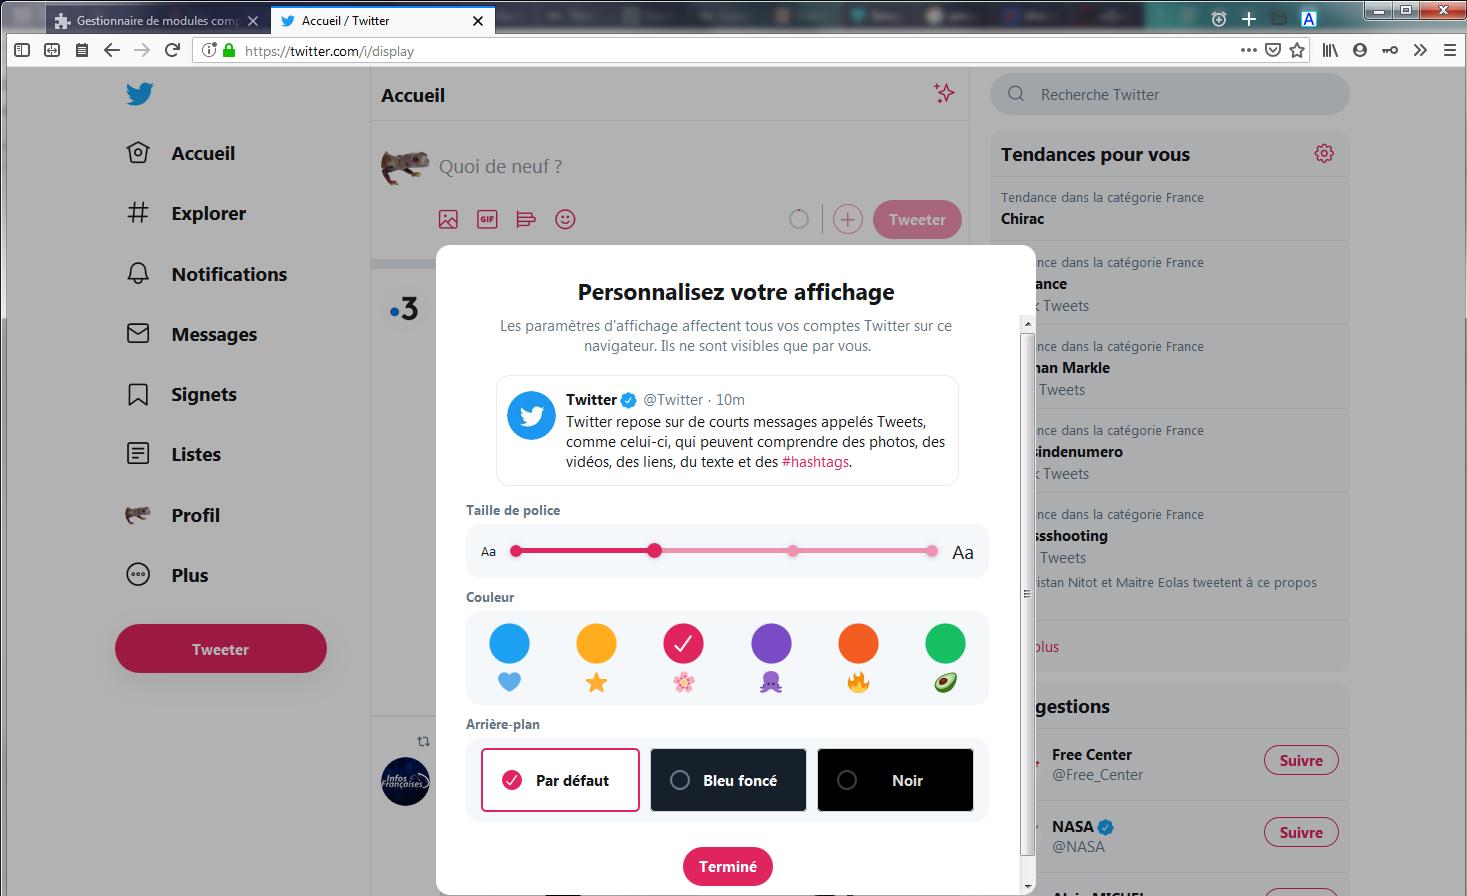 Nouveau Twitter avec boite de modification de l'affichage